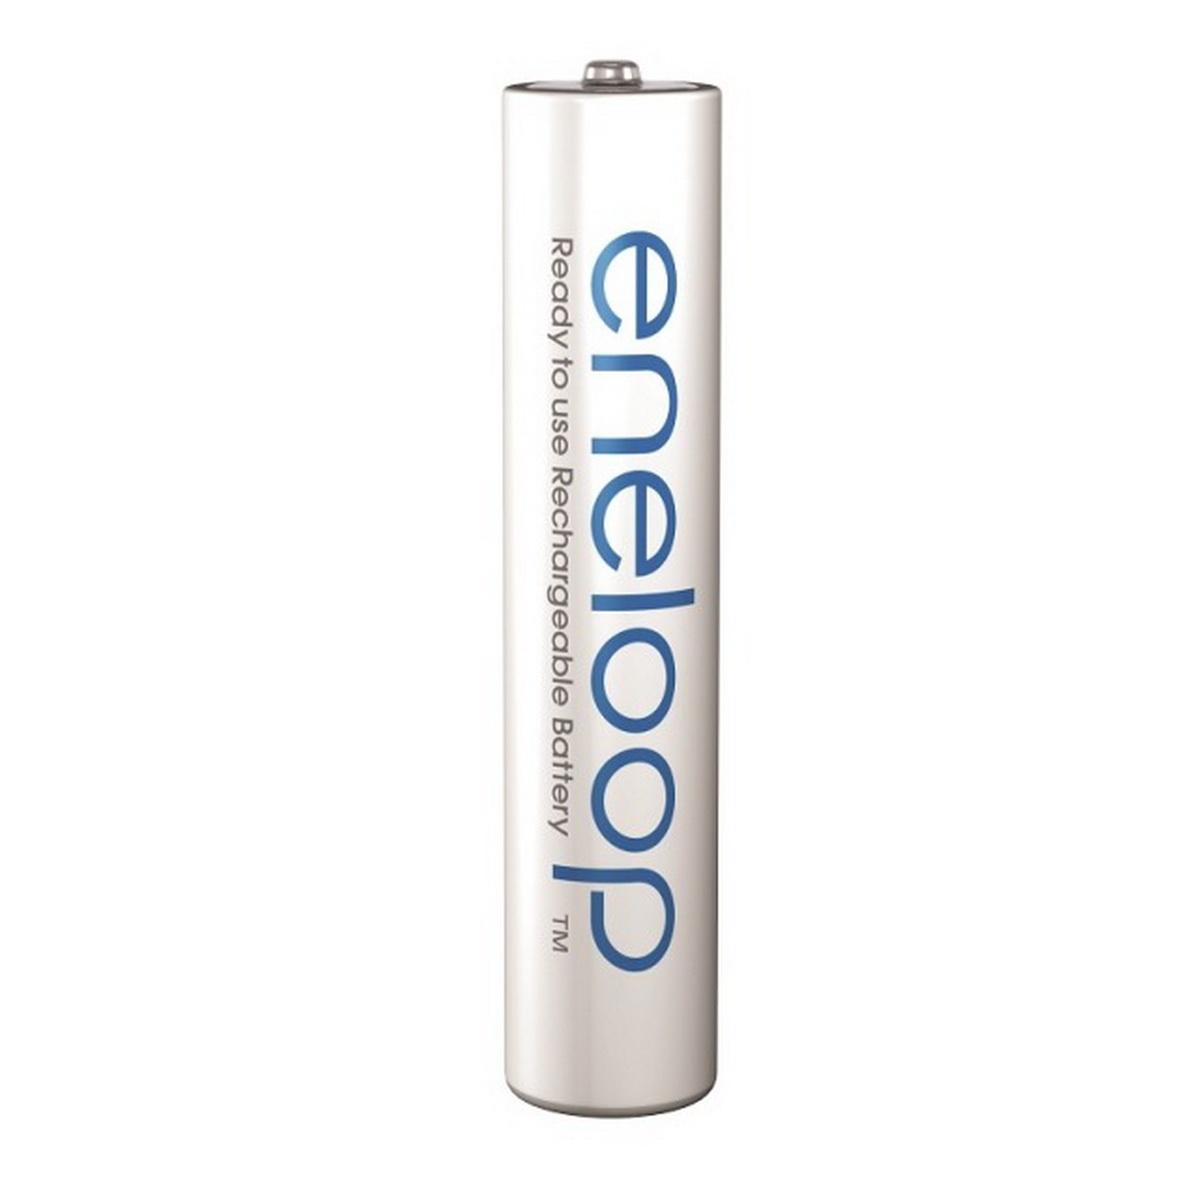 Eneloop Micro 750mAh